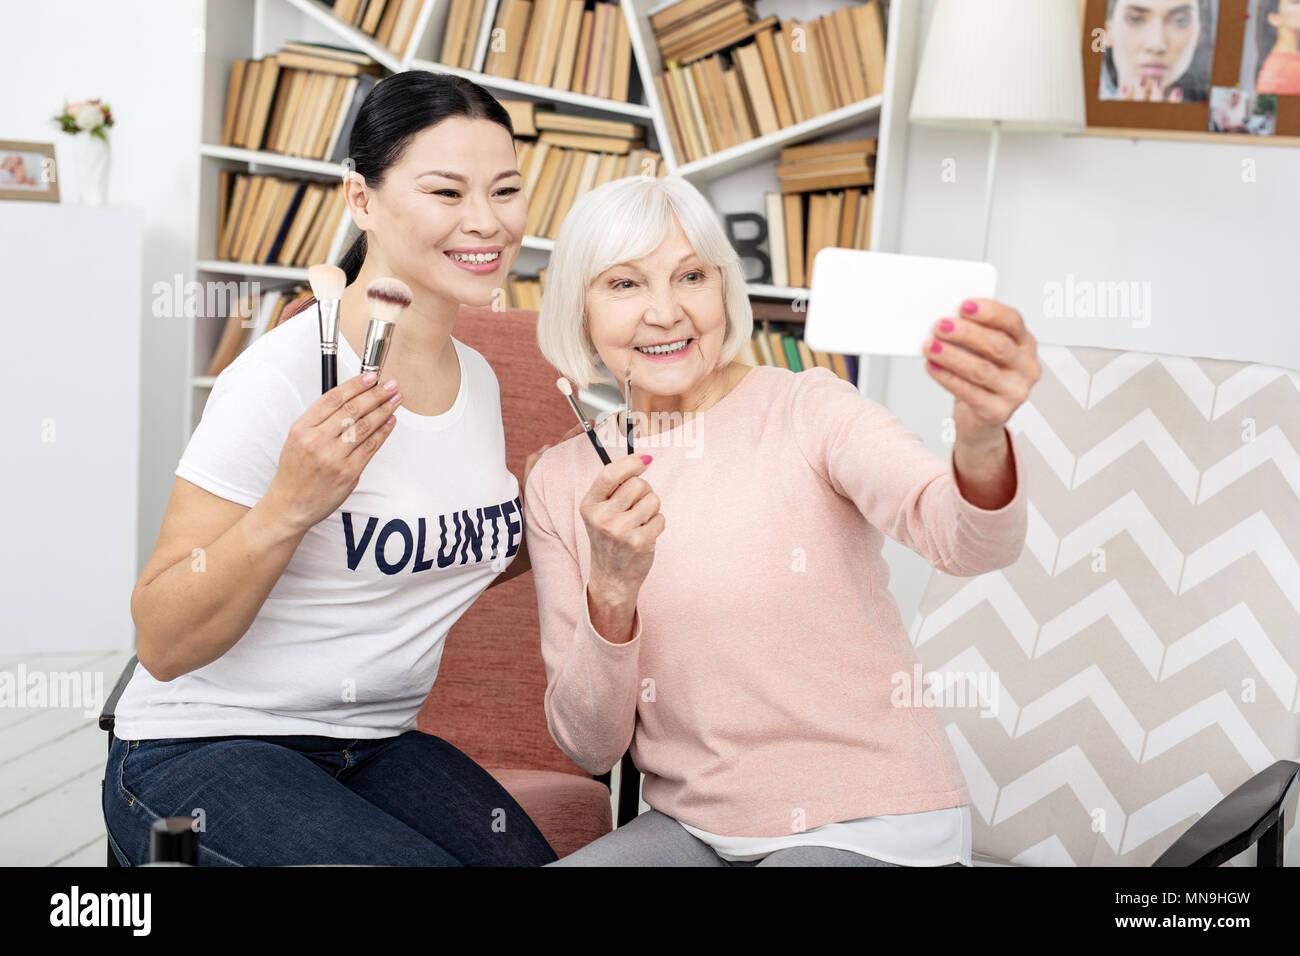 Felice di volontari e senior donna sorridente per selfie Immagini Stock